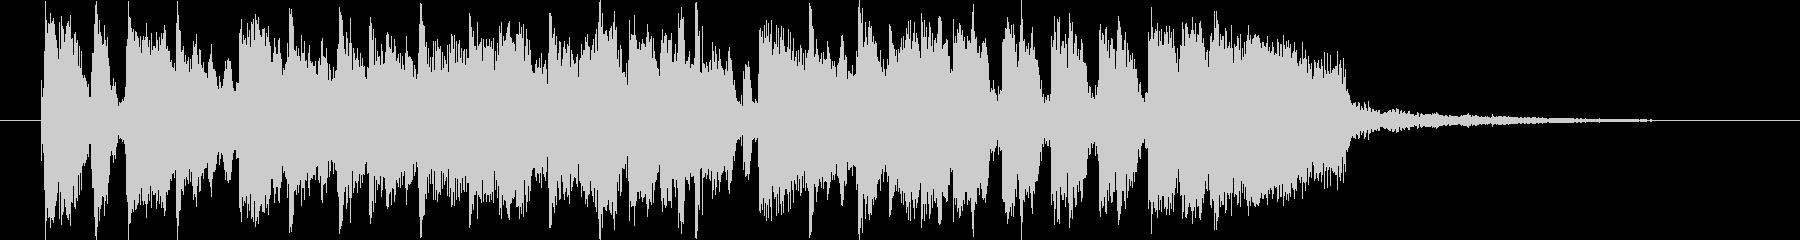 ファンクなジングルの未再生の波形